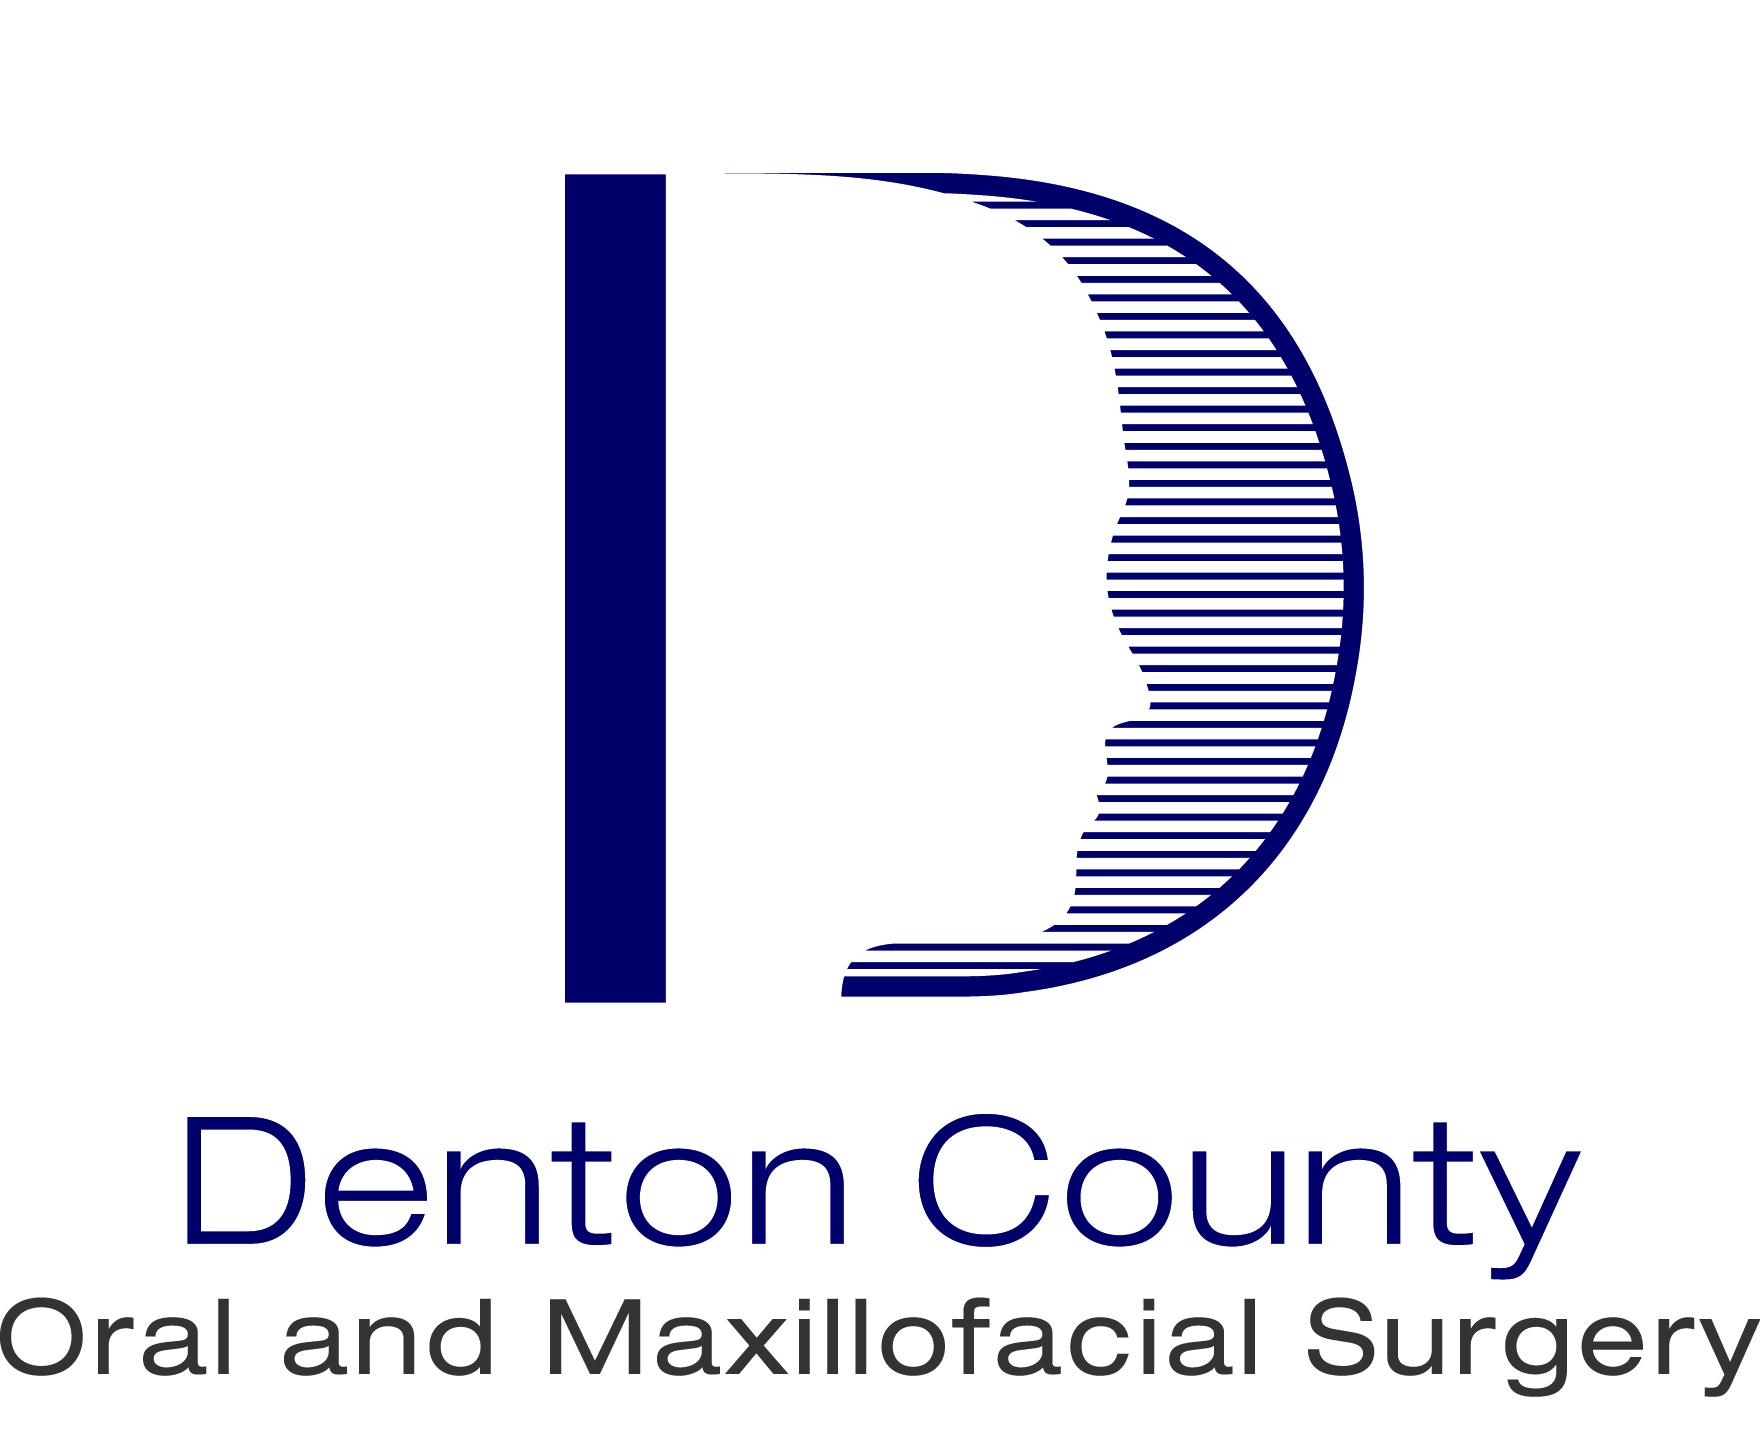 Denton County Oral and Maxillofacial Surgery